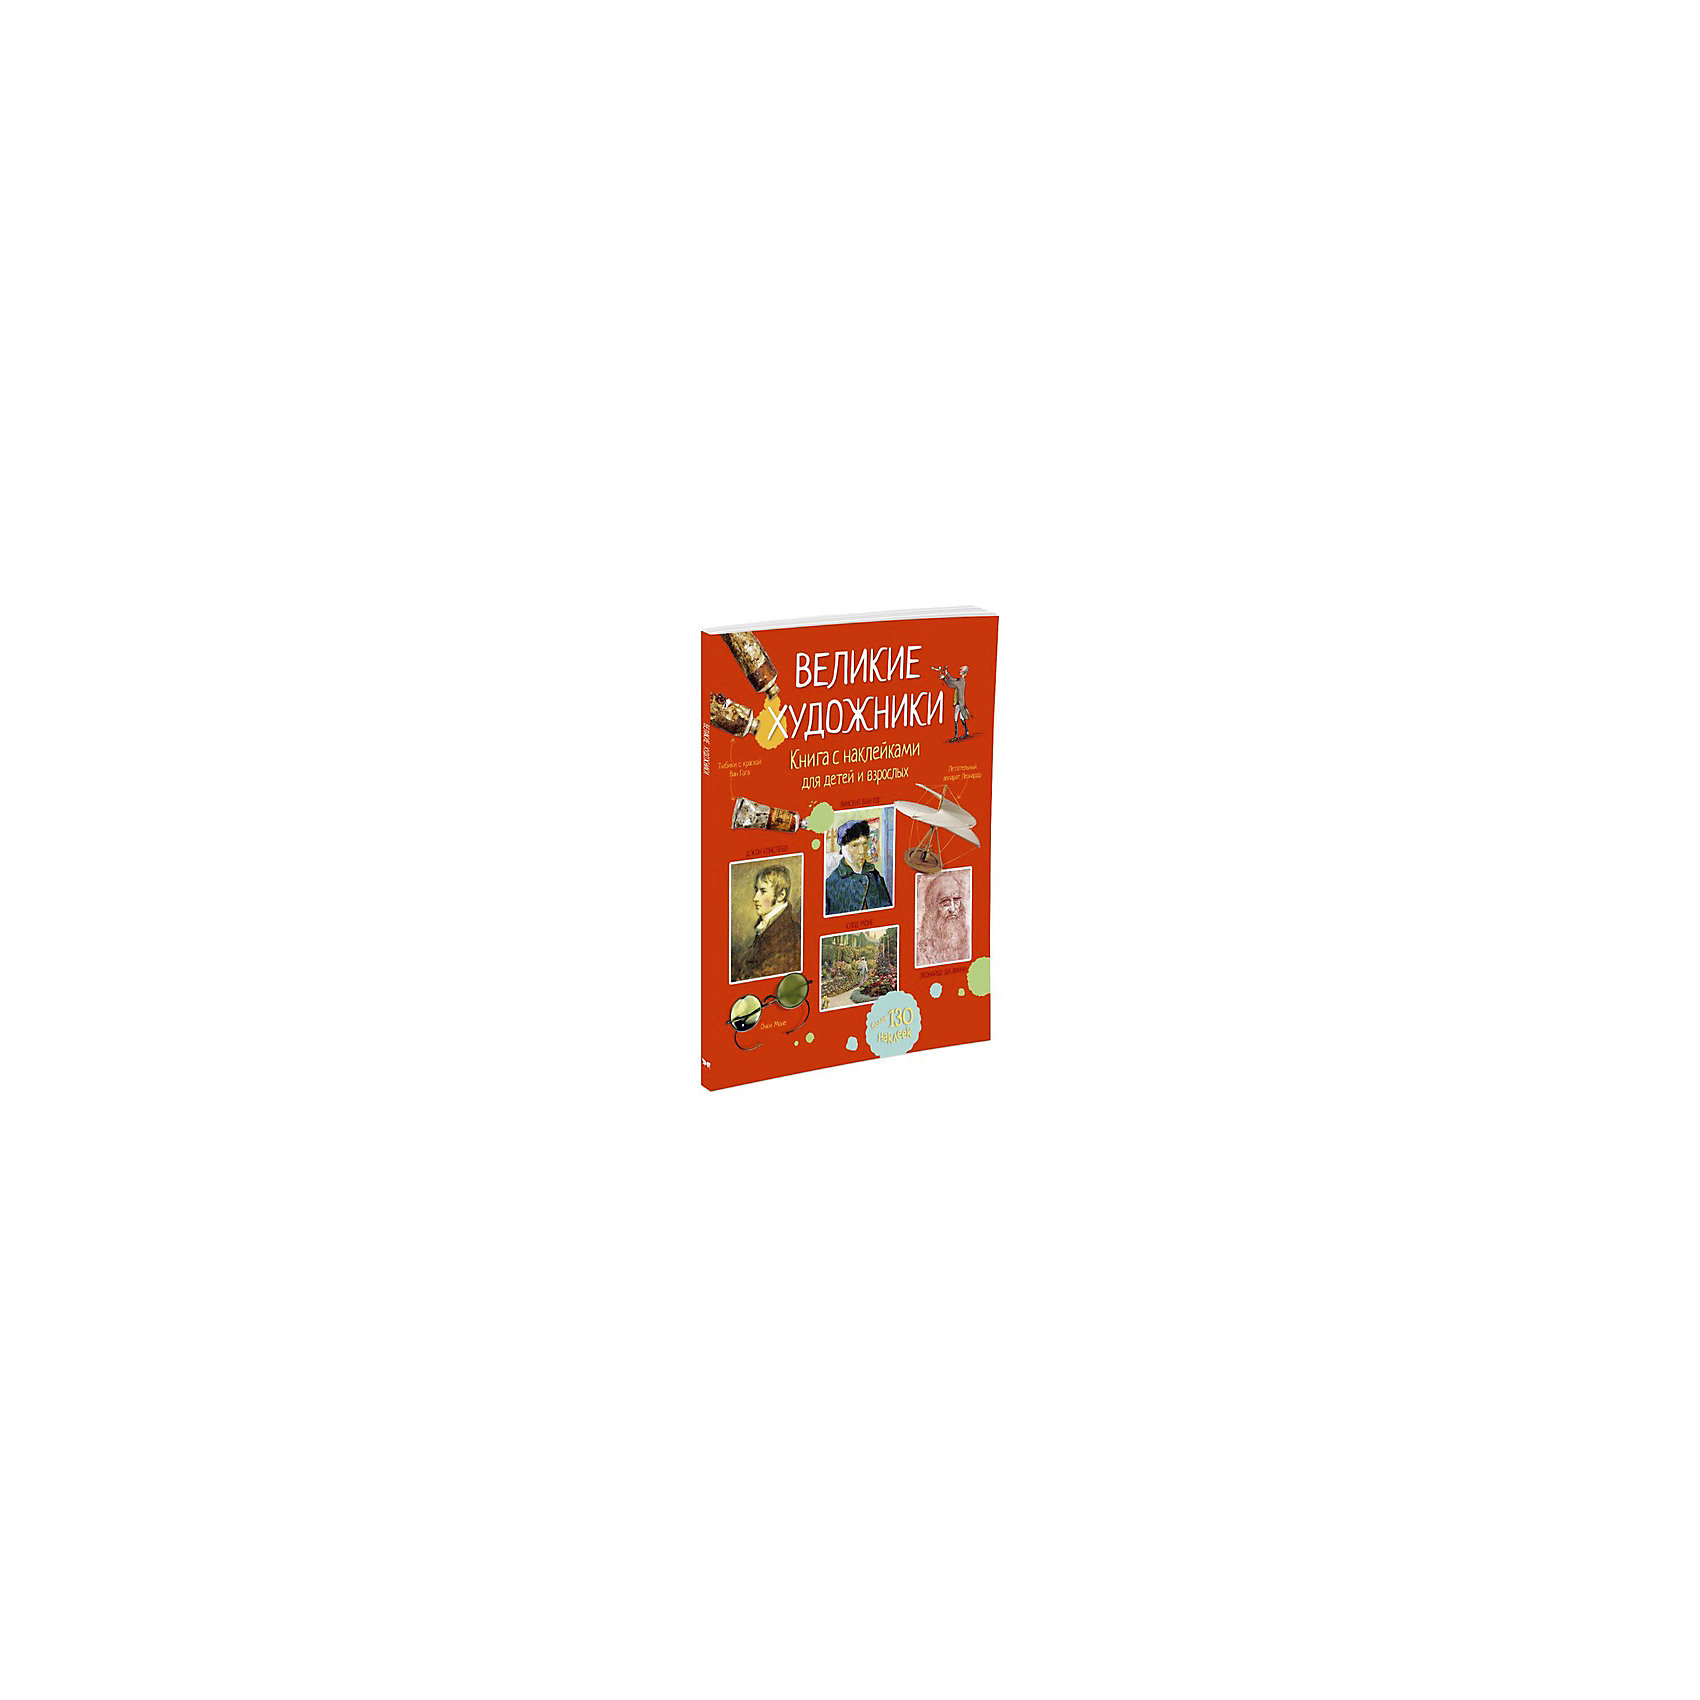 Великие художники, MACHAONМахаон<br>Великие художники.<br><br>Характеристики:<br><br>• Для детей в возрасте: от 11 до 14 лет<br>• Автор: Куллис Меган<br>• Автор иллюстраций: Бич Марк<br>• Переводчик: Егорова Екатерина<br>• Издательство: Махаон, 2017 год<br>• Серия: Супернаклейки-арт<br>• Тип обложки: мягкая<br>• Оформление: с наклейками (более 130 наклеек)<br>• Иллюстрации: цветные<br>• Количество страниц: 32<br>• Размер: 305x238x4 мм.<br>• Вес: 321 гр.<br>• ISBN: 9785389122727<br><br>Эта красочная познавательная книга откроет вам удивительный мир живописи и расскажет о самых ярких представителях мира искусства. Вы узнаете о всех направлениях и стилях, великих художниках, об их жизни и знаменитых работах, а наклейки позволят лучше ознакомиться с творчеством мастеров. Читаем, наклеиваем и запоминаем!<br><br>Книгу Великие художники можно купить в нашем интернет-магазине.<br><br>Ширина мм: 305<br>Глубина мм: 238<br>Высота мм: 40<br>Вес г: 321<br>Возраст от месяцев: 132<br>Возраст до месяцев: 168<br>Пол: Унисекс<br>Возраст: Детский<br>SKU: 5493476